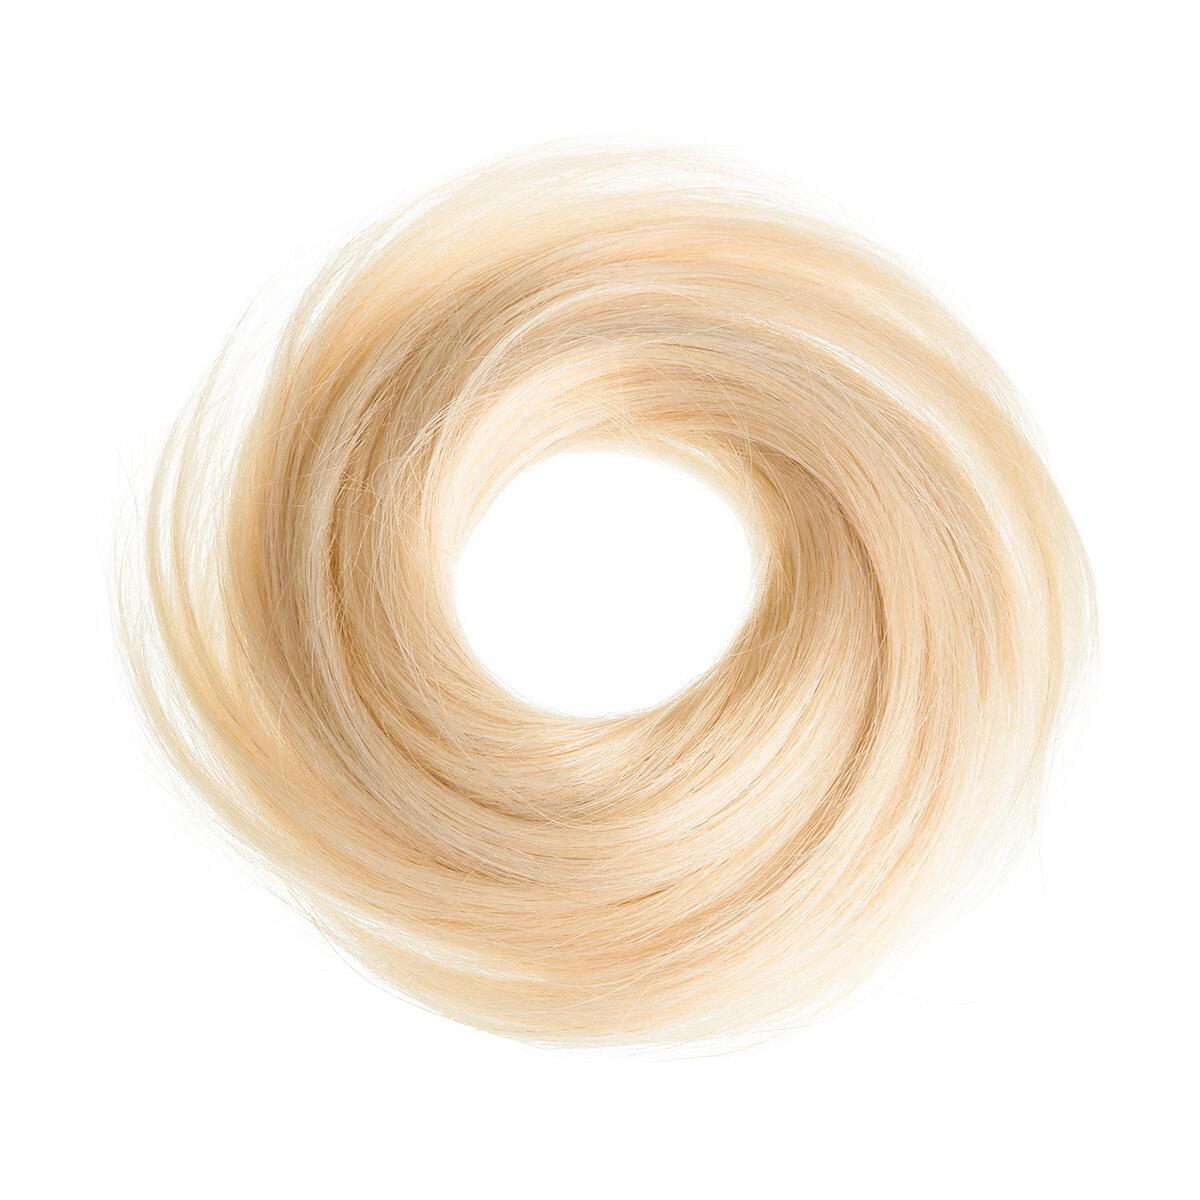 Hair Scrunchie M7.8/10.8 Light Golden Mix 0 cm